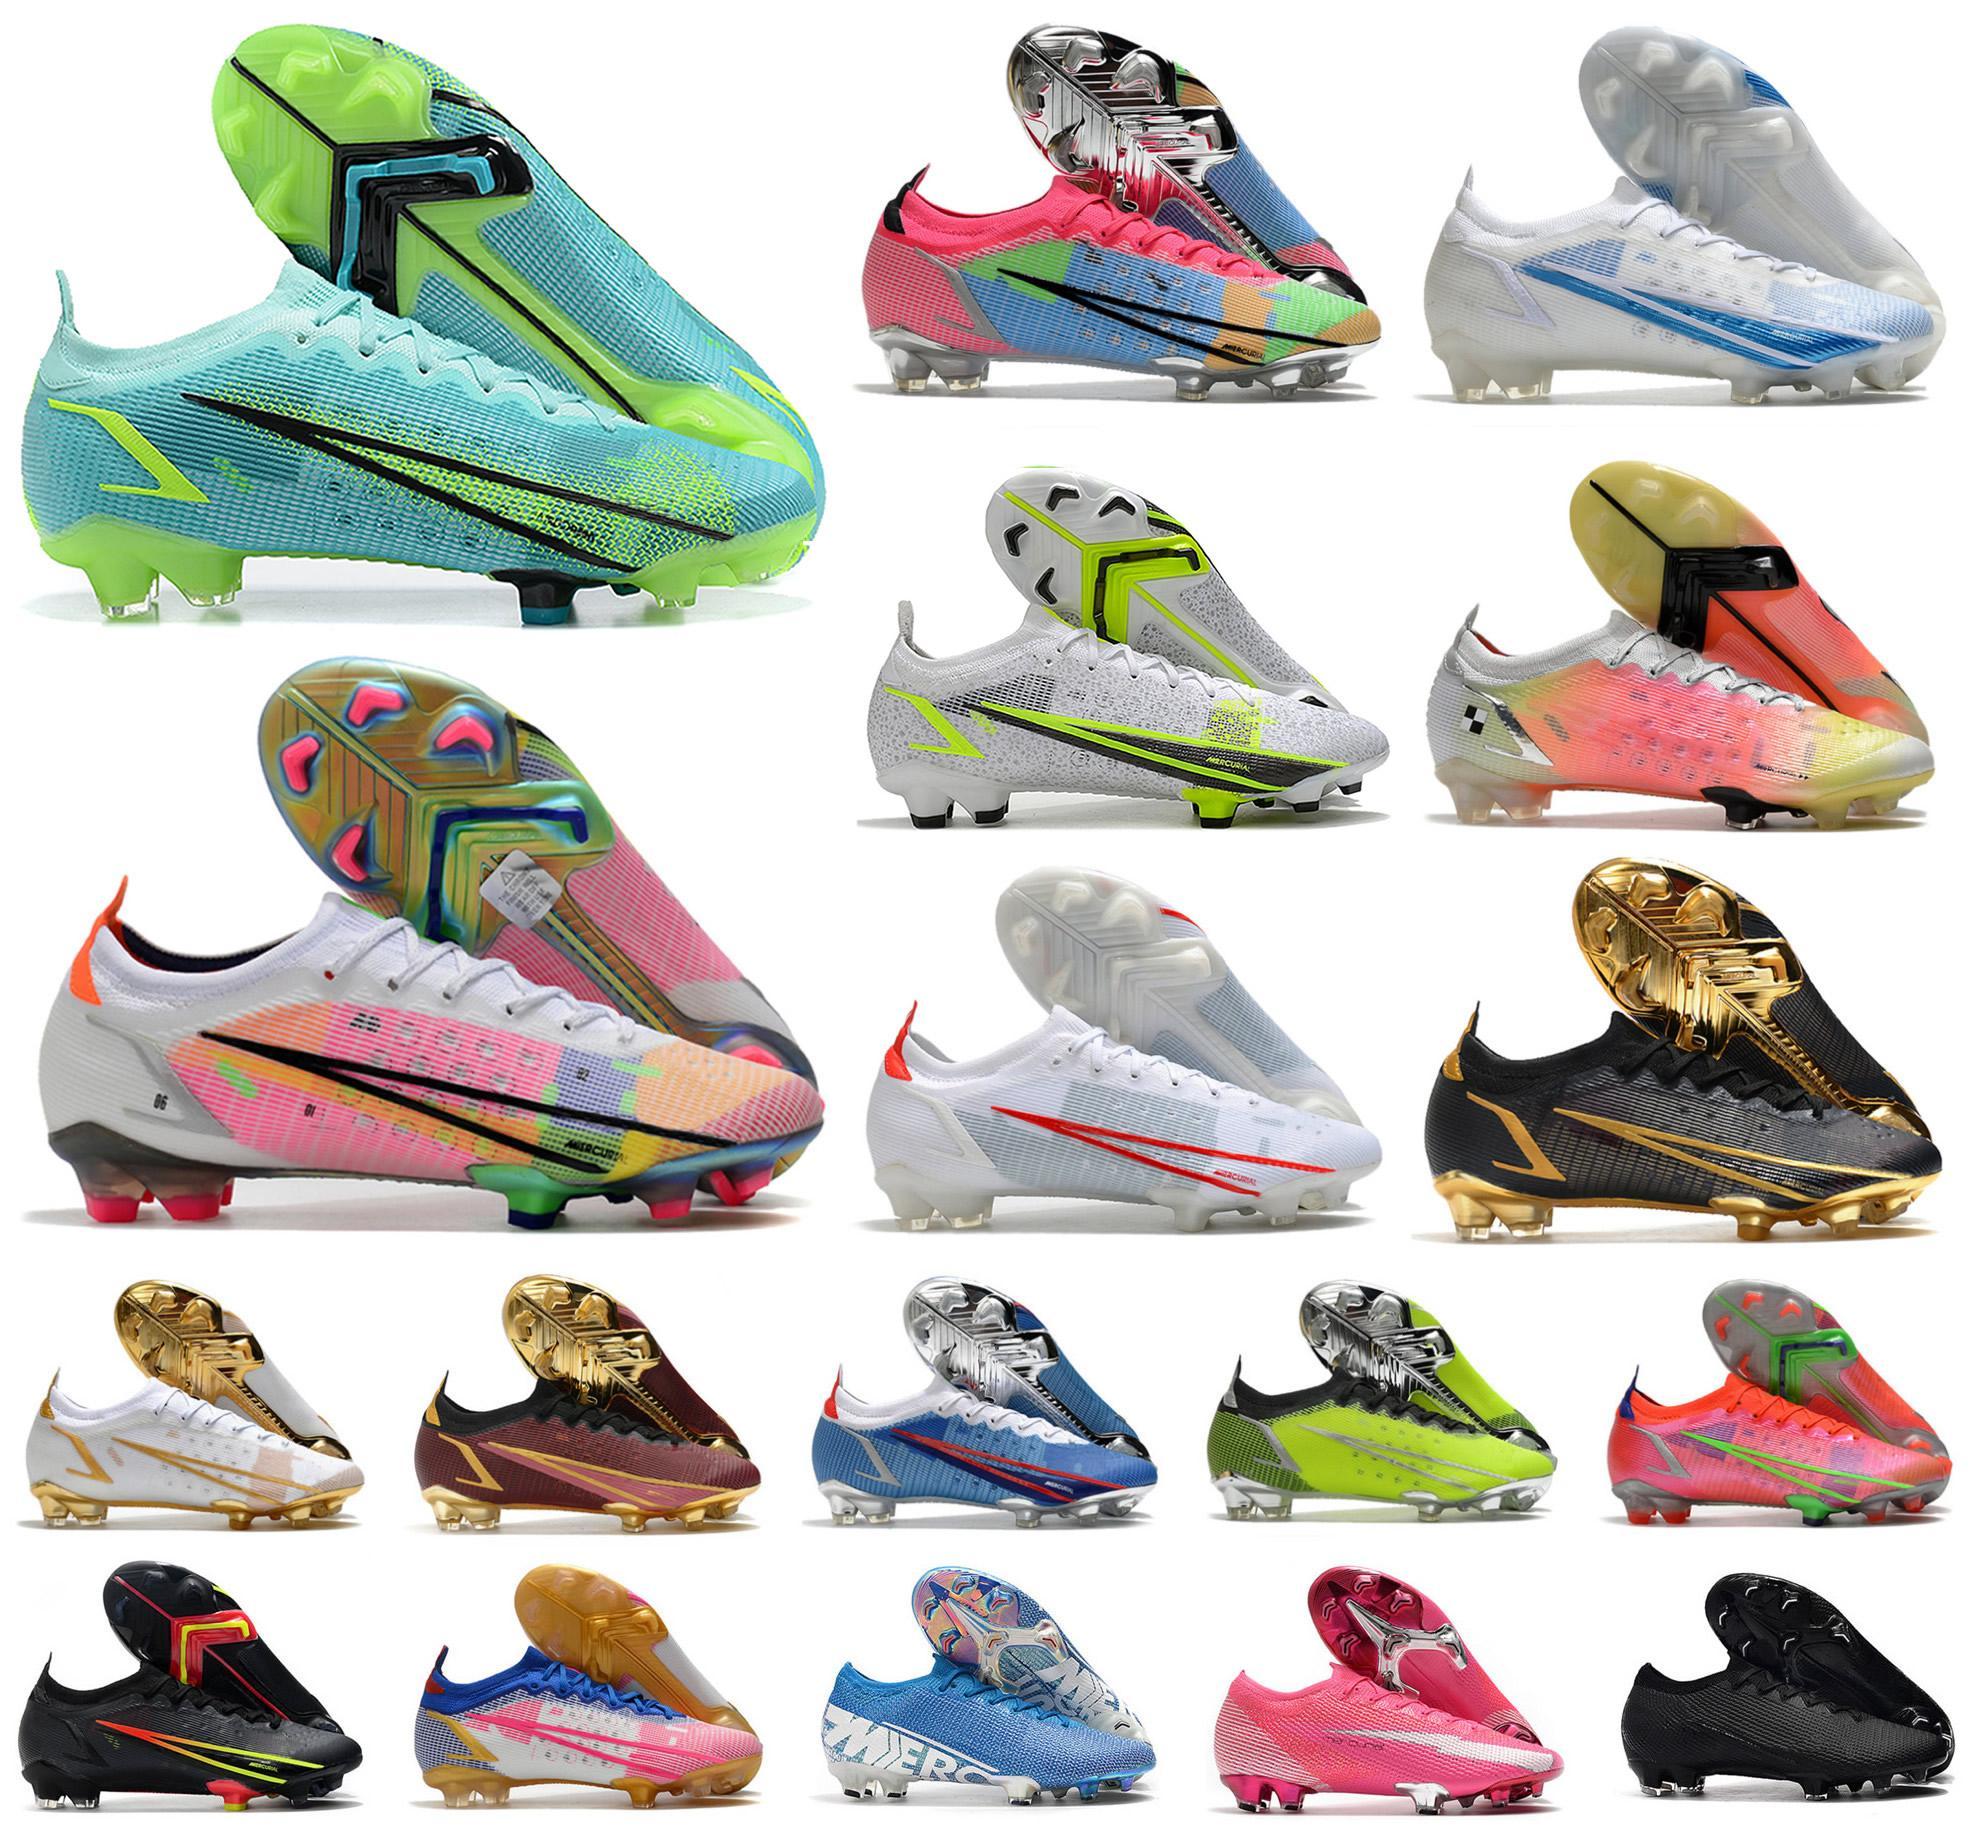 2021 الرجال va pors الرابع عشر 14 360 النخبة fg اليعسوب أحذية كرة القدم cr7 رونالدو الدافع حزمة mds 004 منخفضة النساء الاطفال أحذية كرة القدم المرابط حجم 39-45